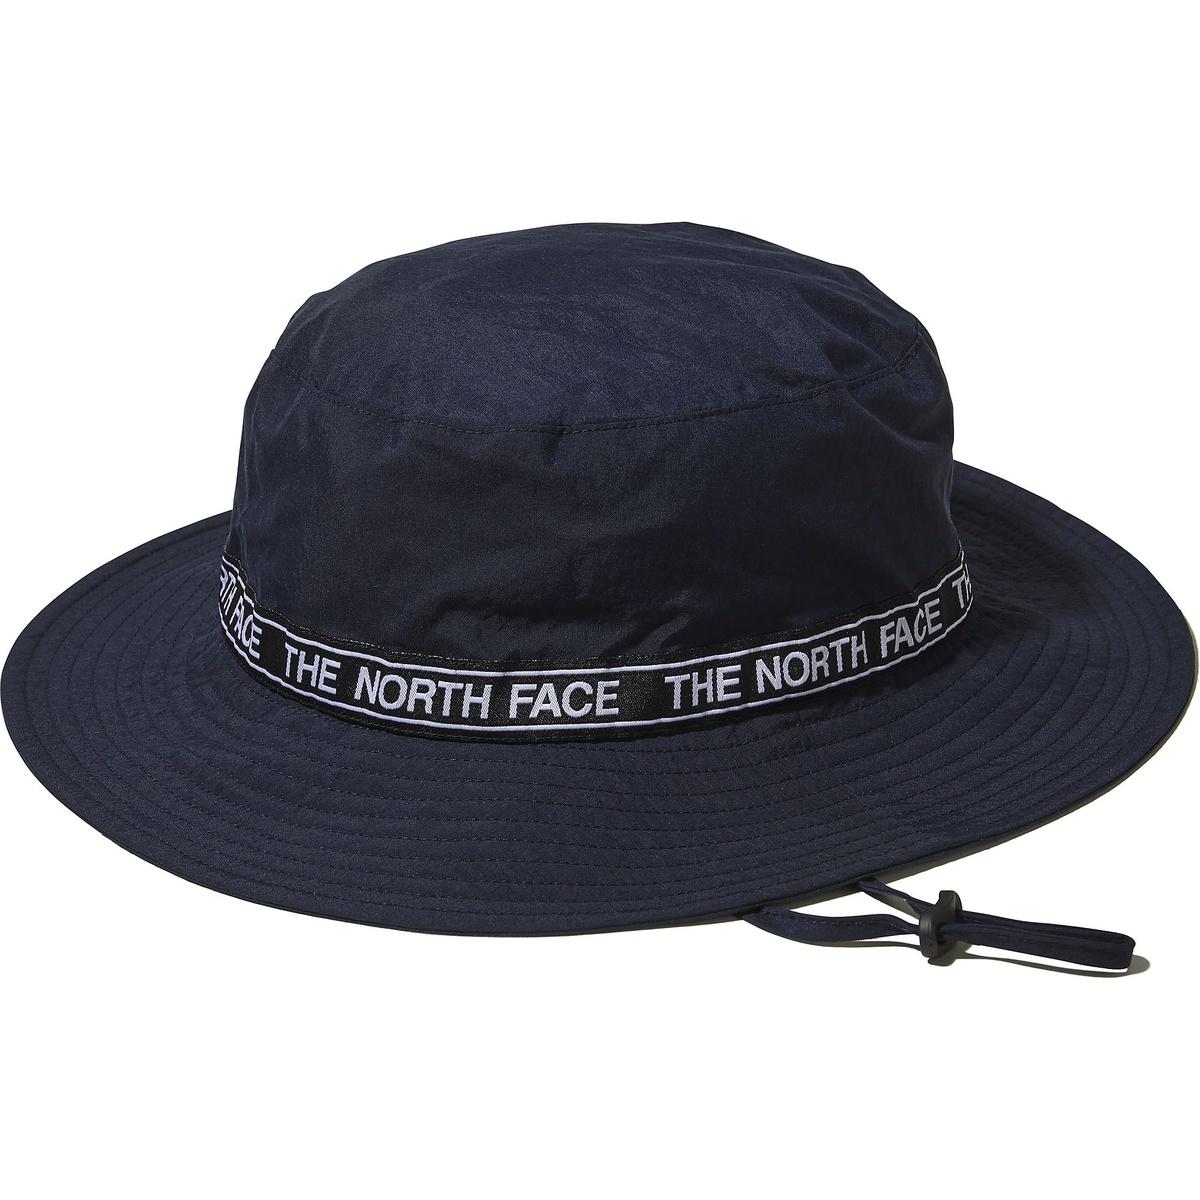 THE NORTH FACE (ノースフェイス) トレッキング アウトドア メンズキャップ LETTERD HAT UN NN01911 UN